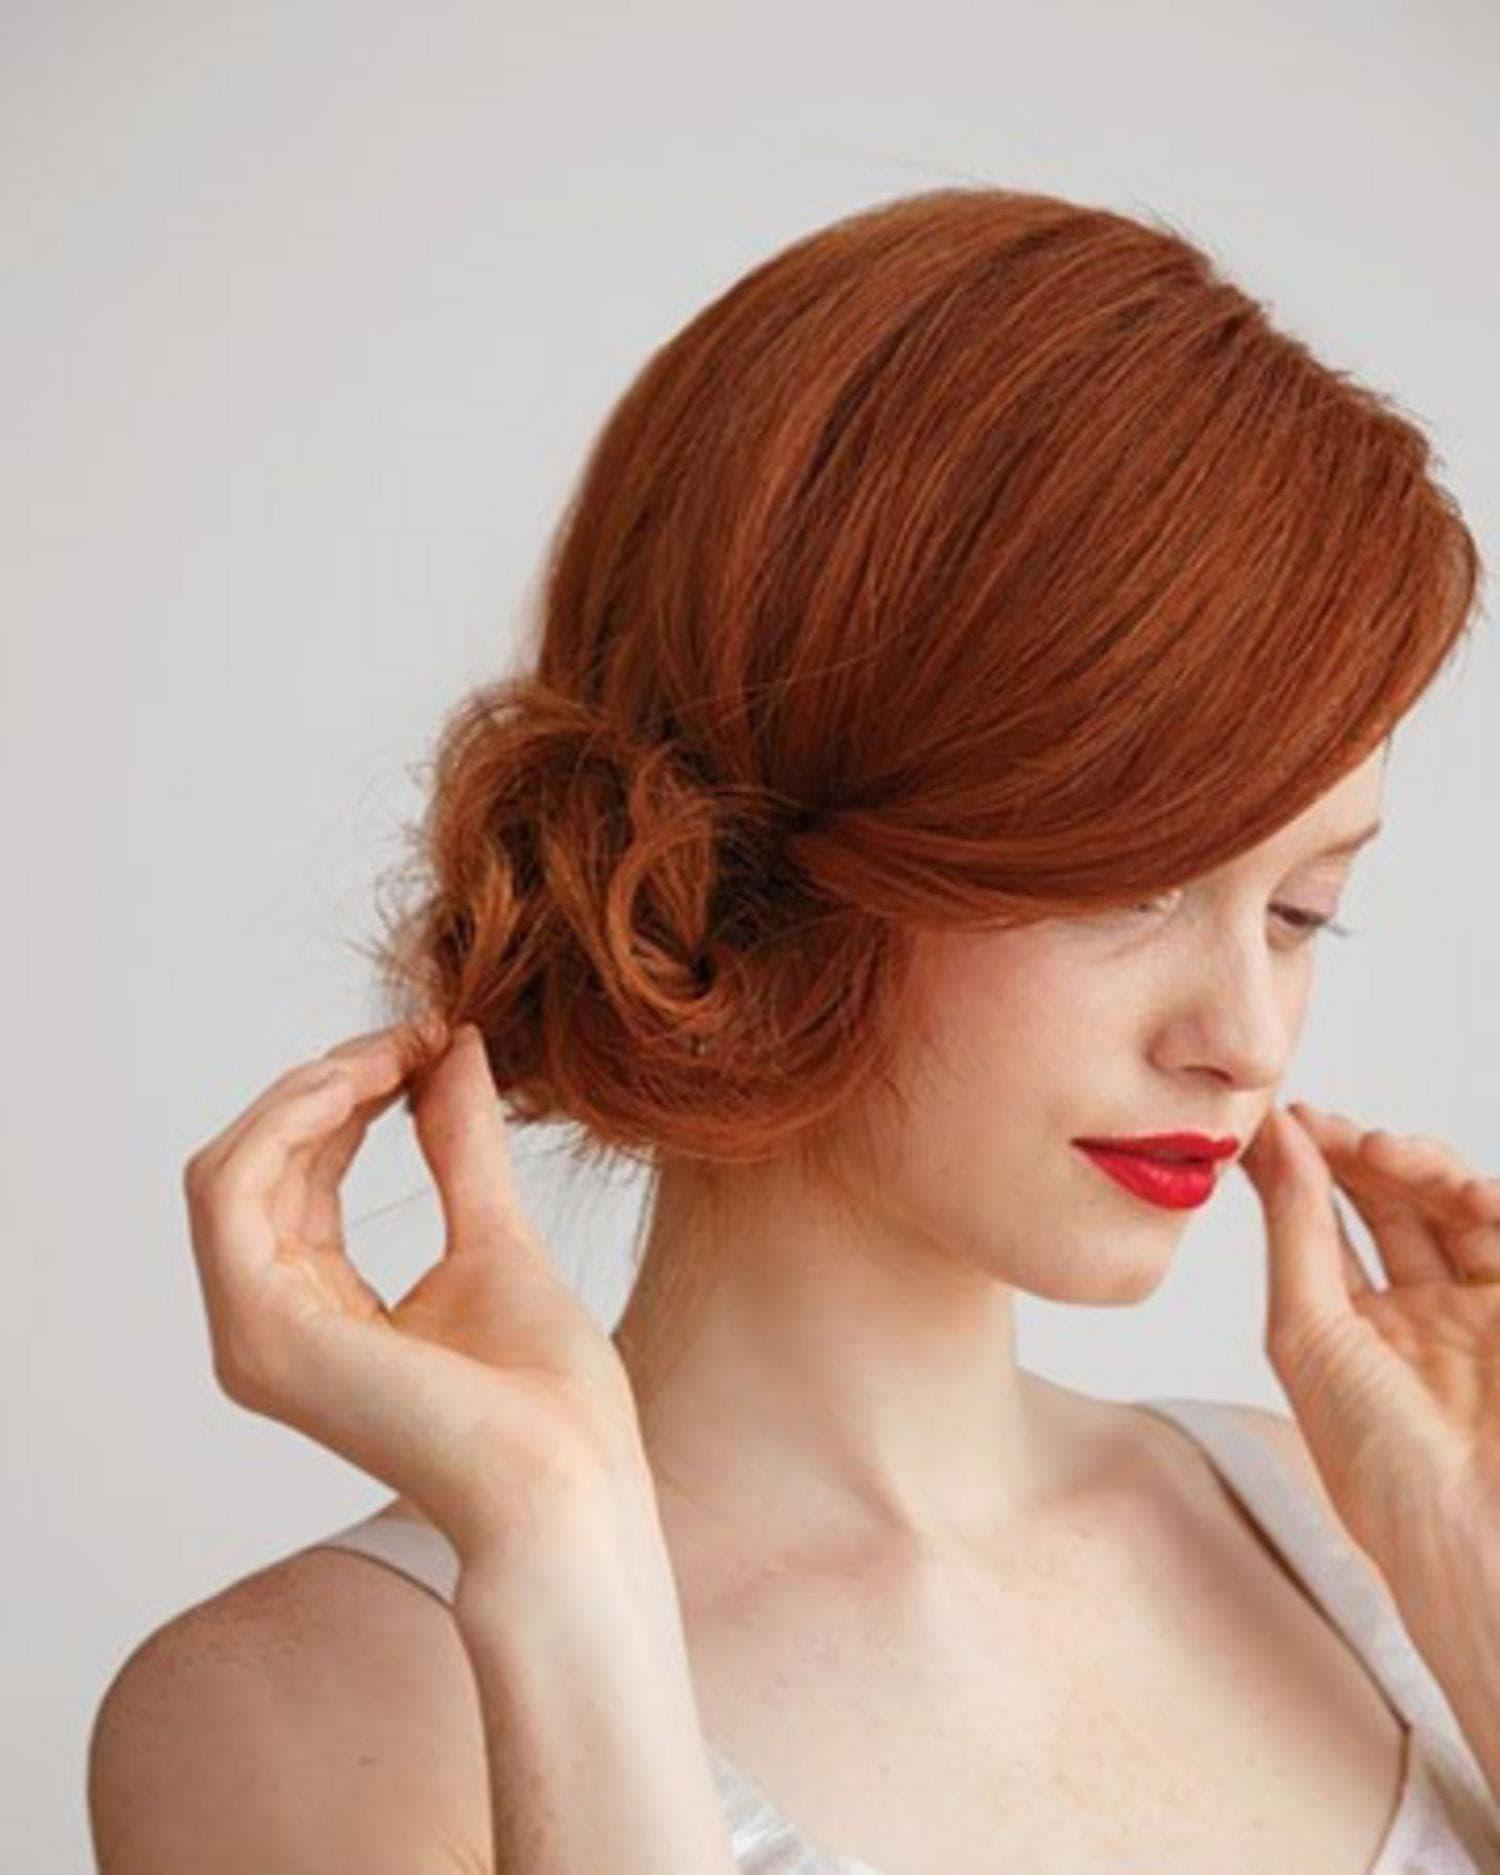 Как сделать причёску набок: красивые укладки с начёсом и кудрями на одну сторону